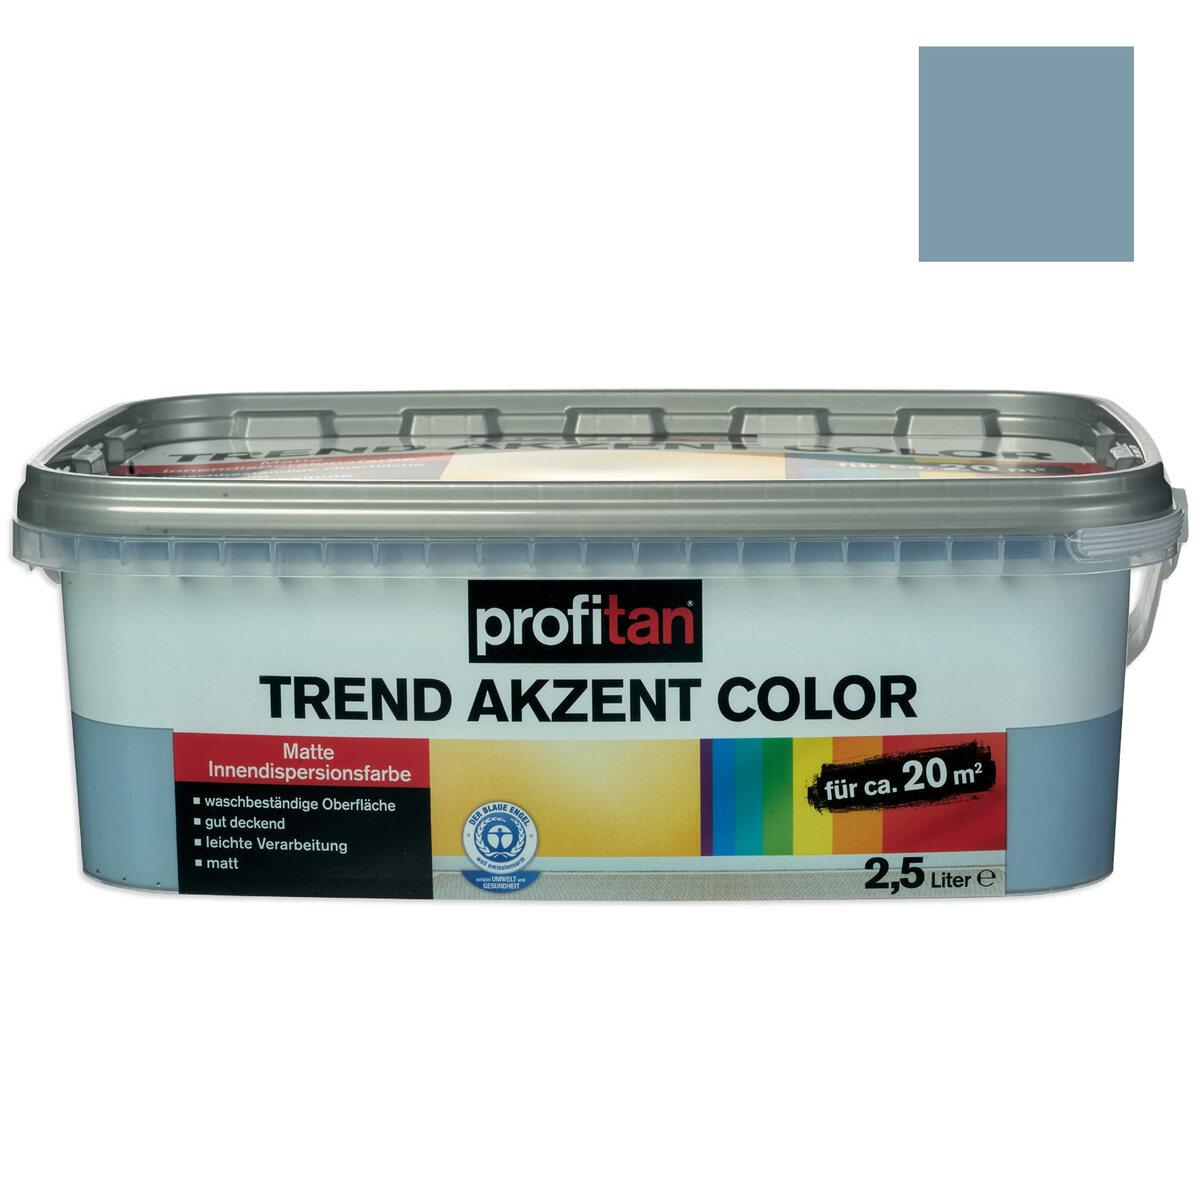 Bild 1 von profitan Wandfarbe Trend Akzent Color - blue monday matt - 2,5 Liter